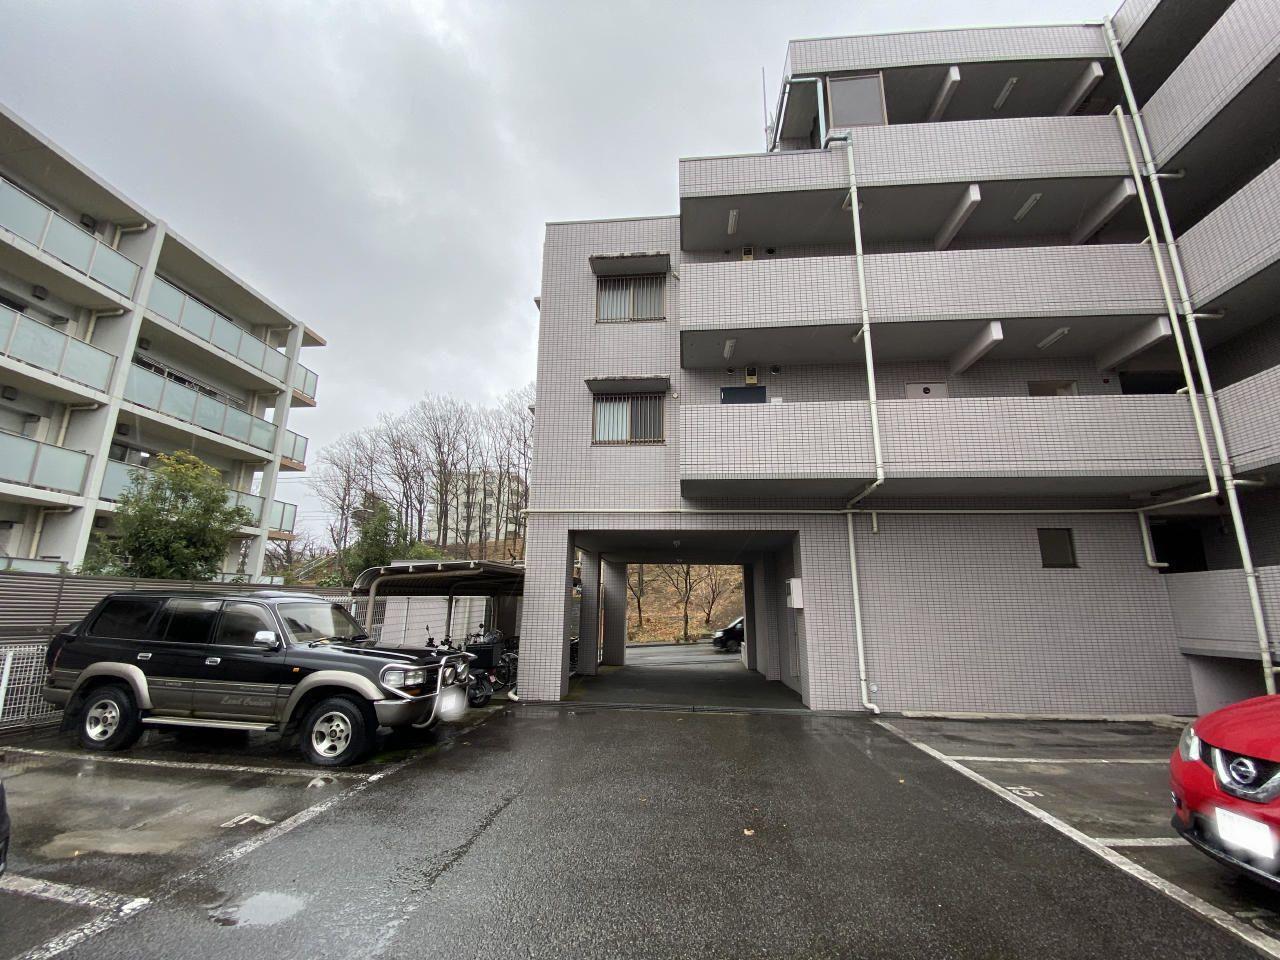 90㎡超えの大型賃貸マンション・ポルテールあざみ野の敷地内の様子です。